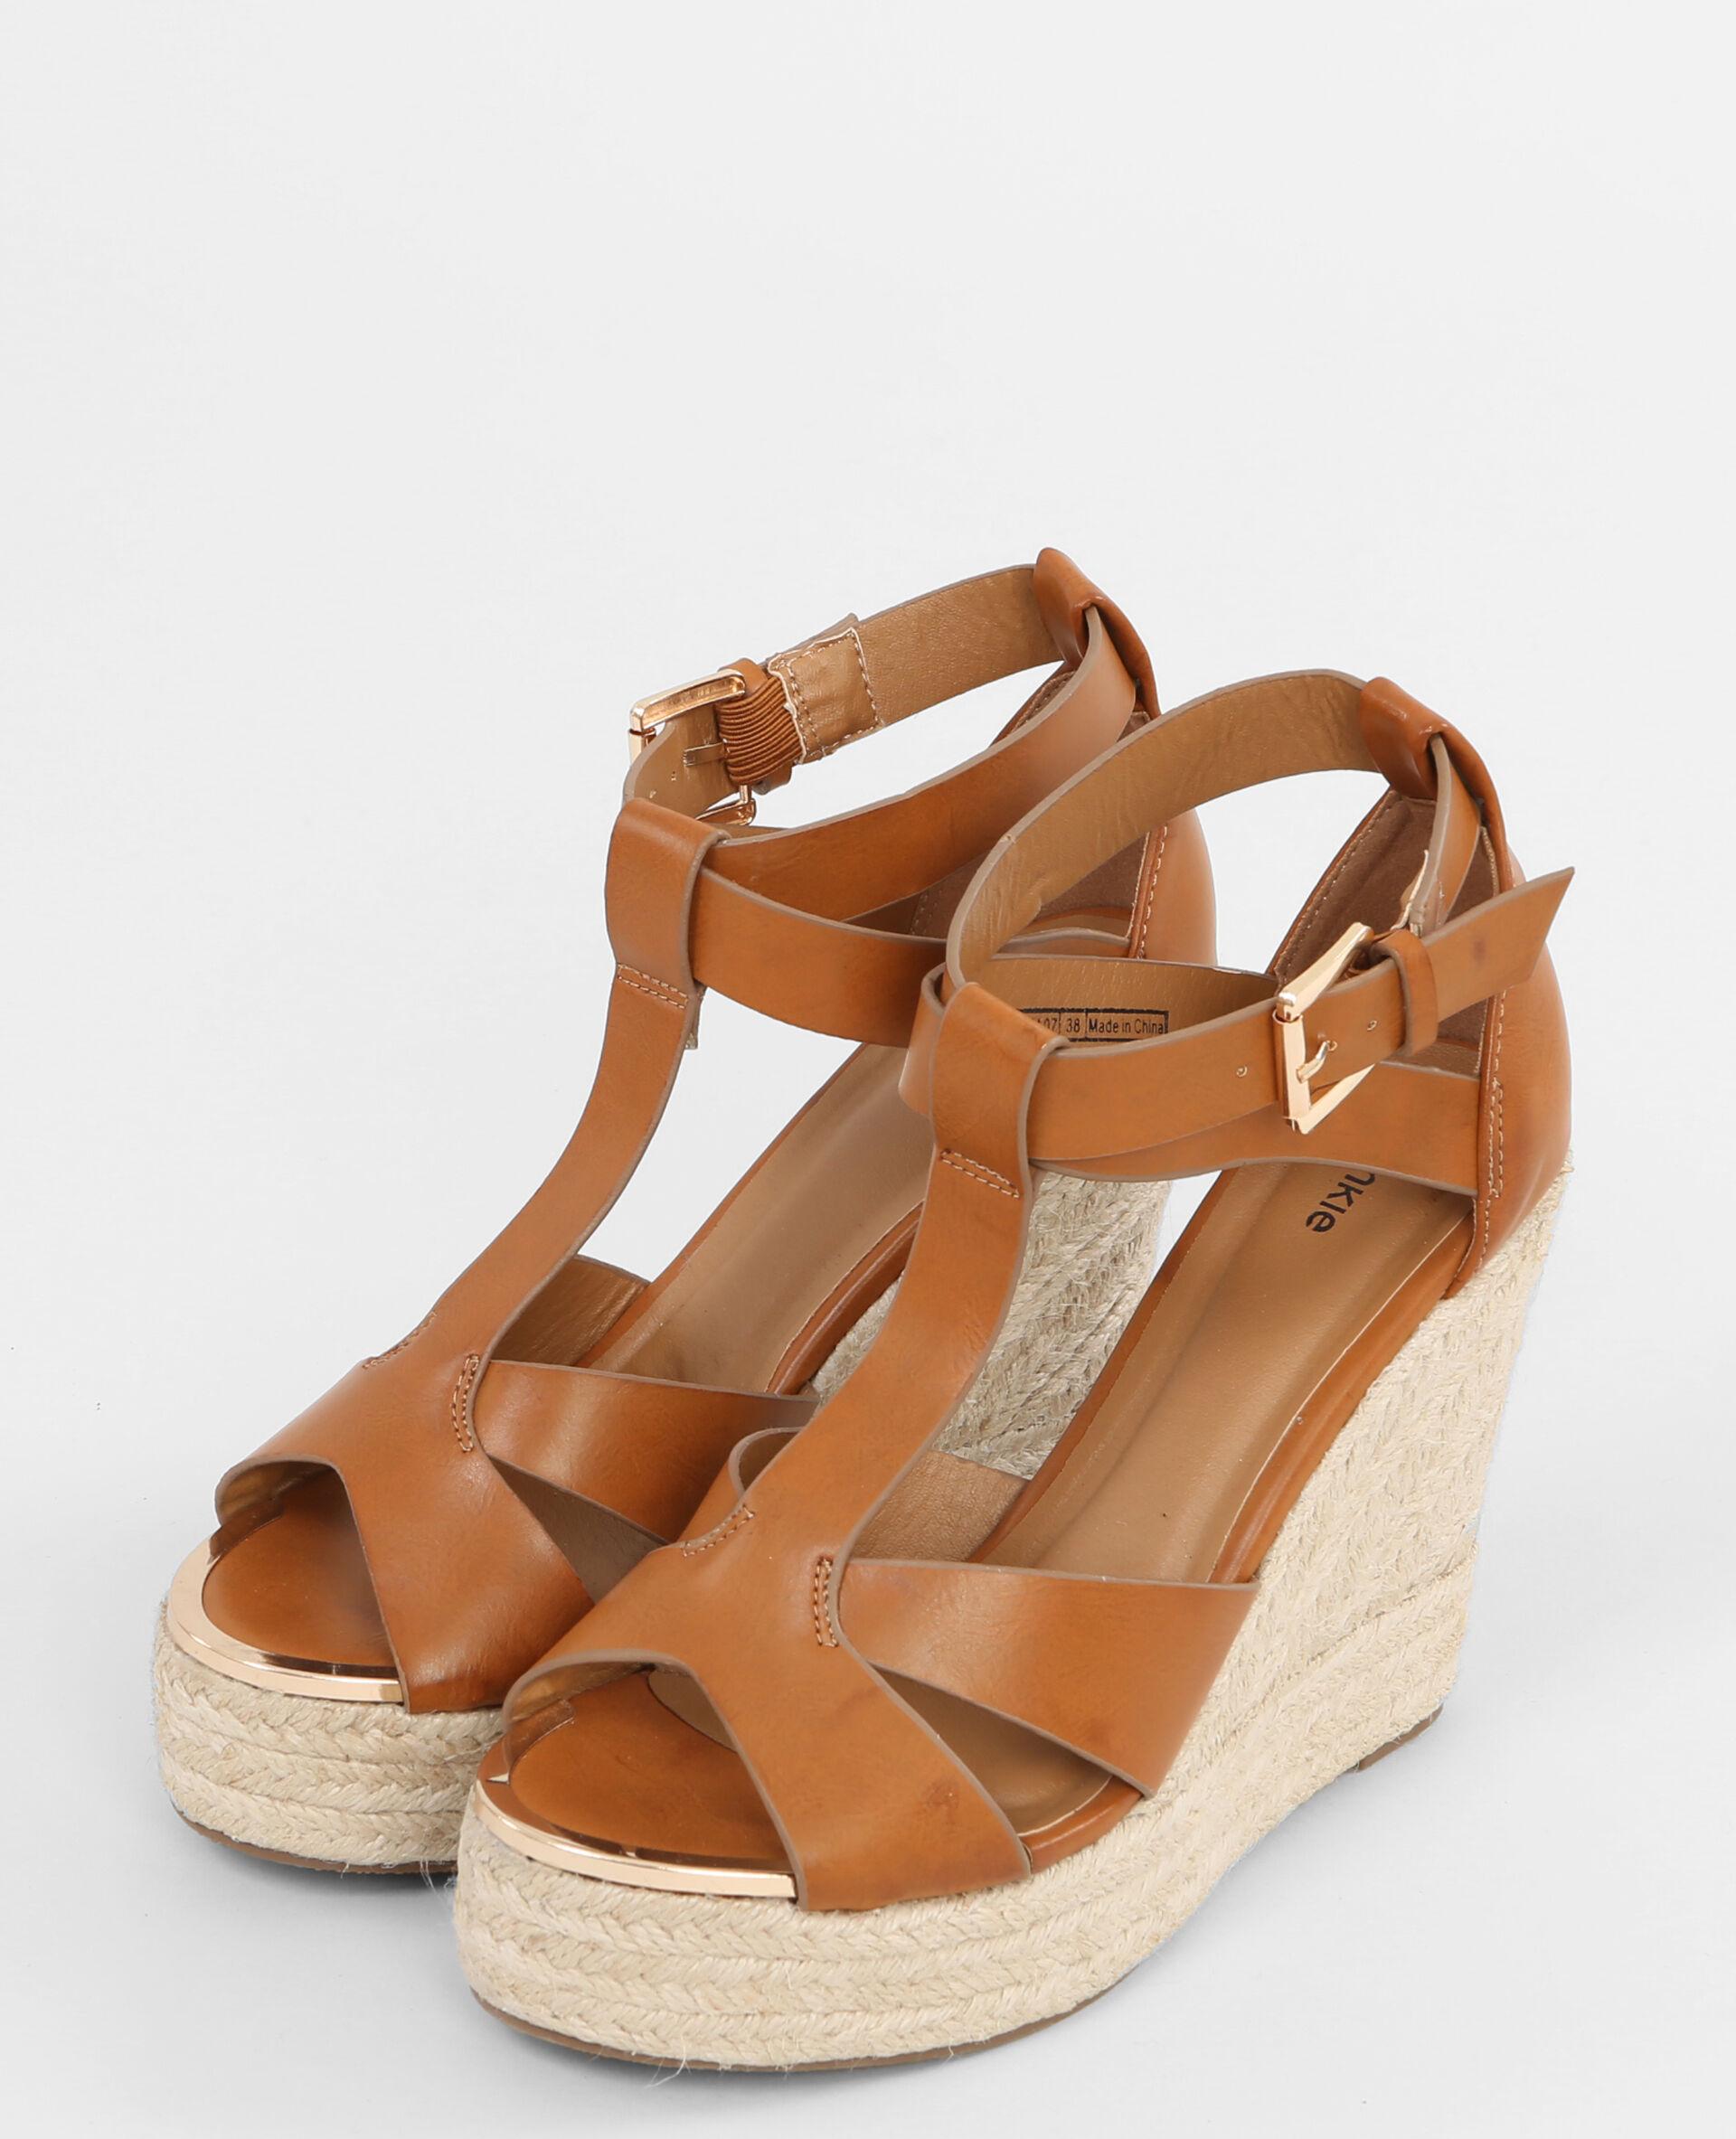 Sandales compensées marron; Sandales compensées marron